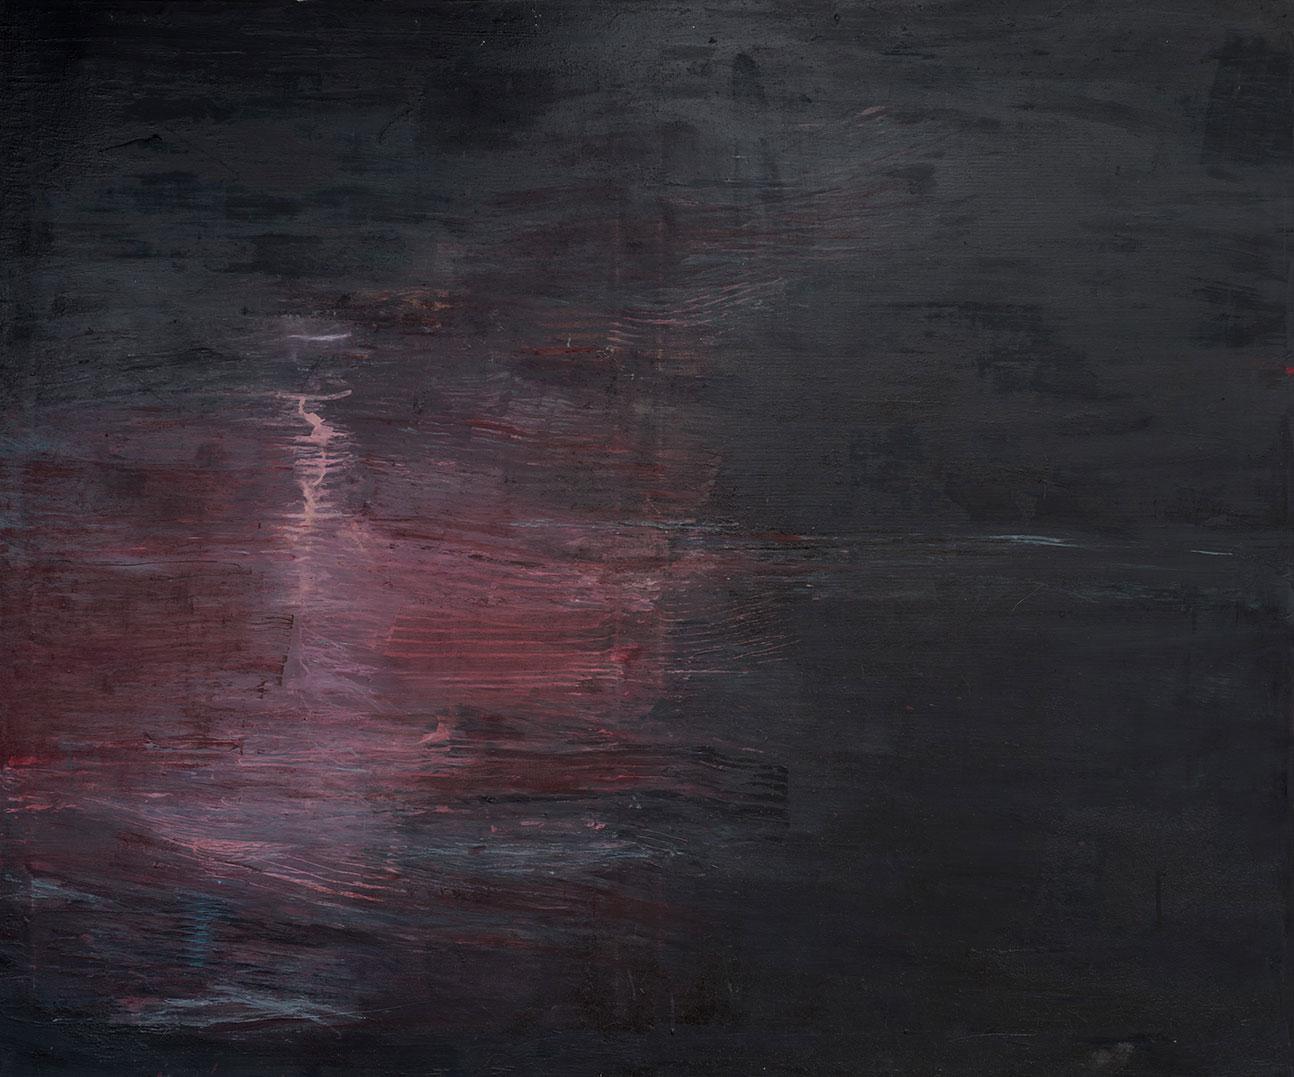 Jules Allan, Still, 120 x 100cm, Oil on canvas